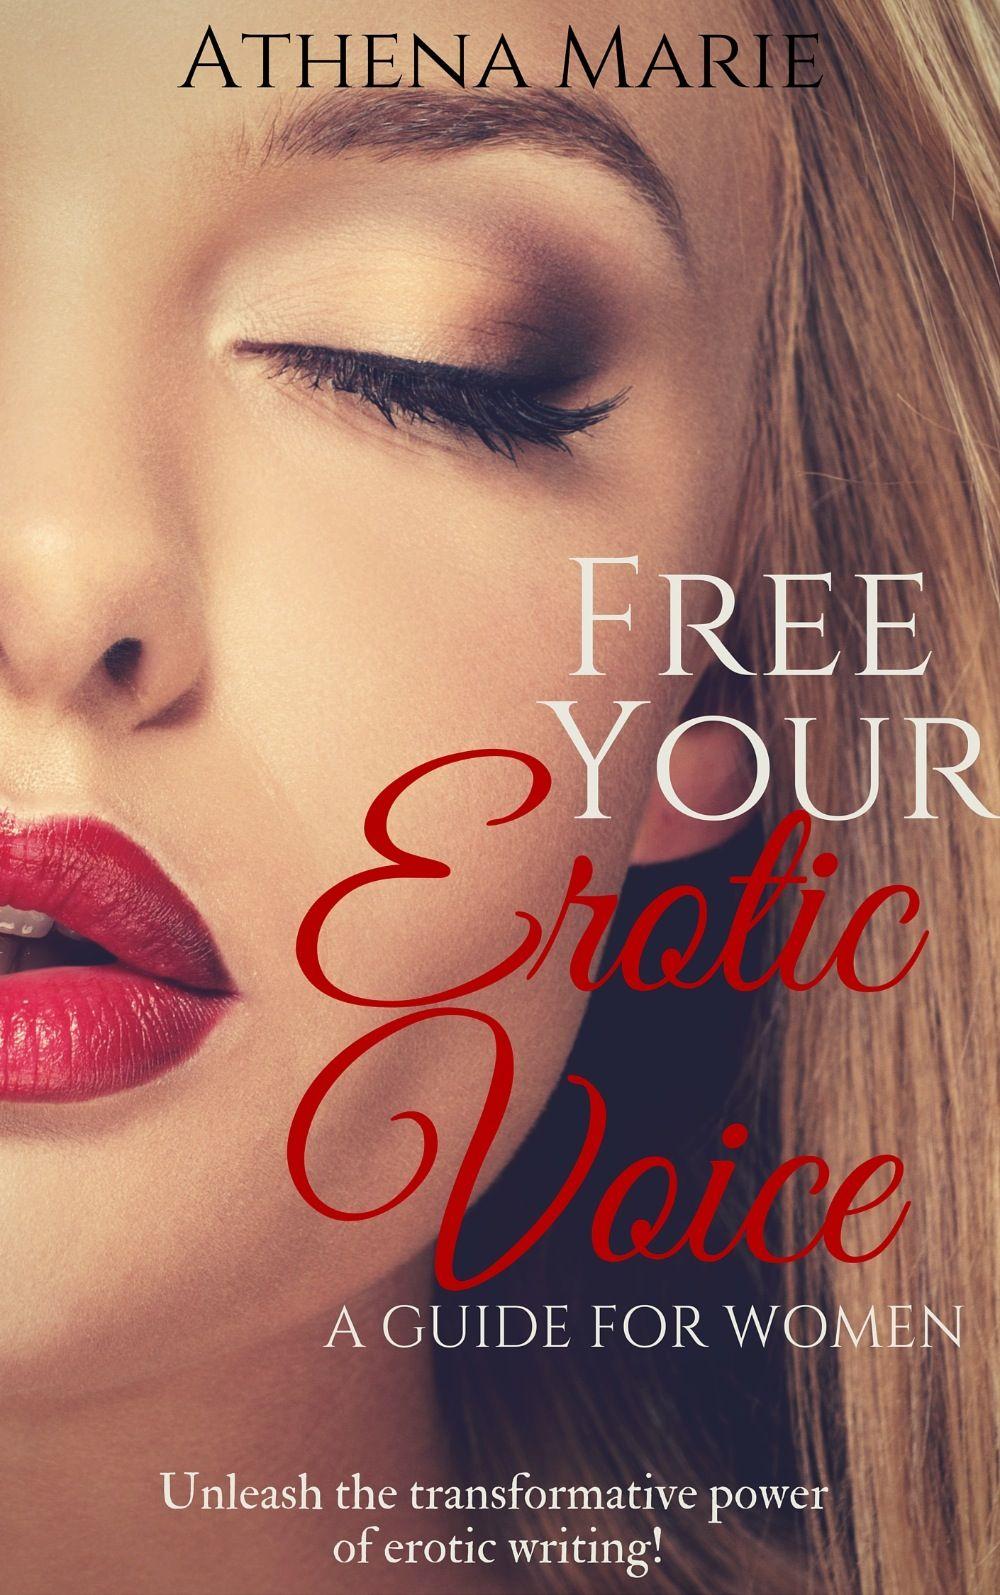 Free erotic guide